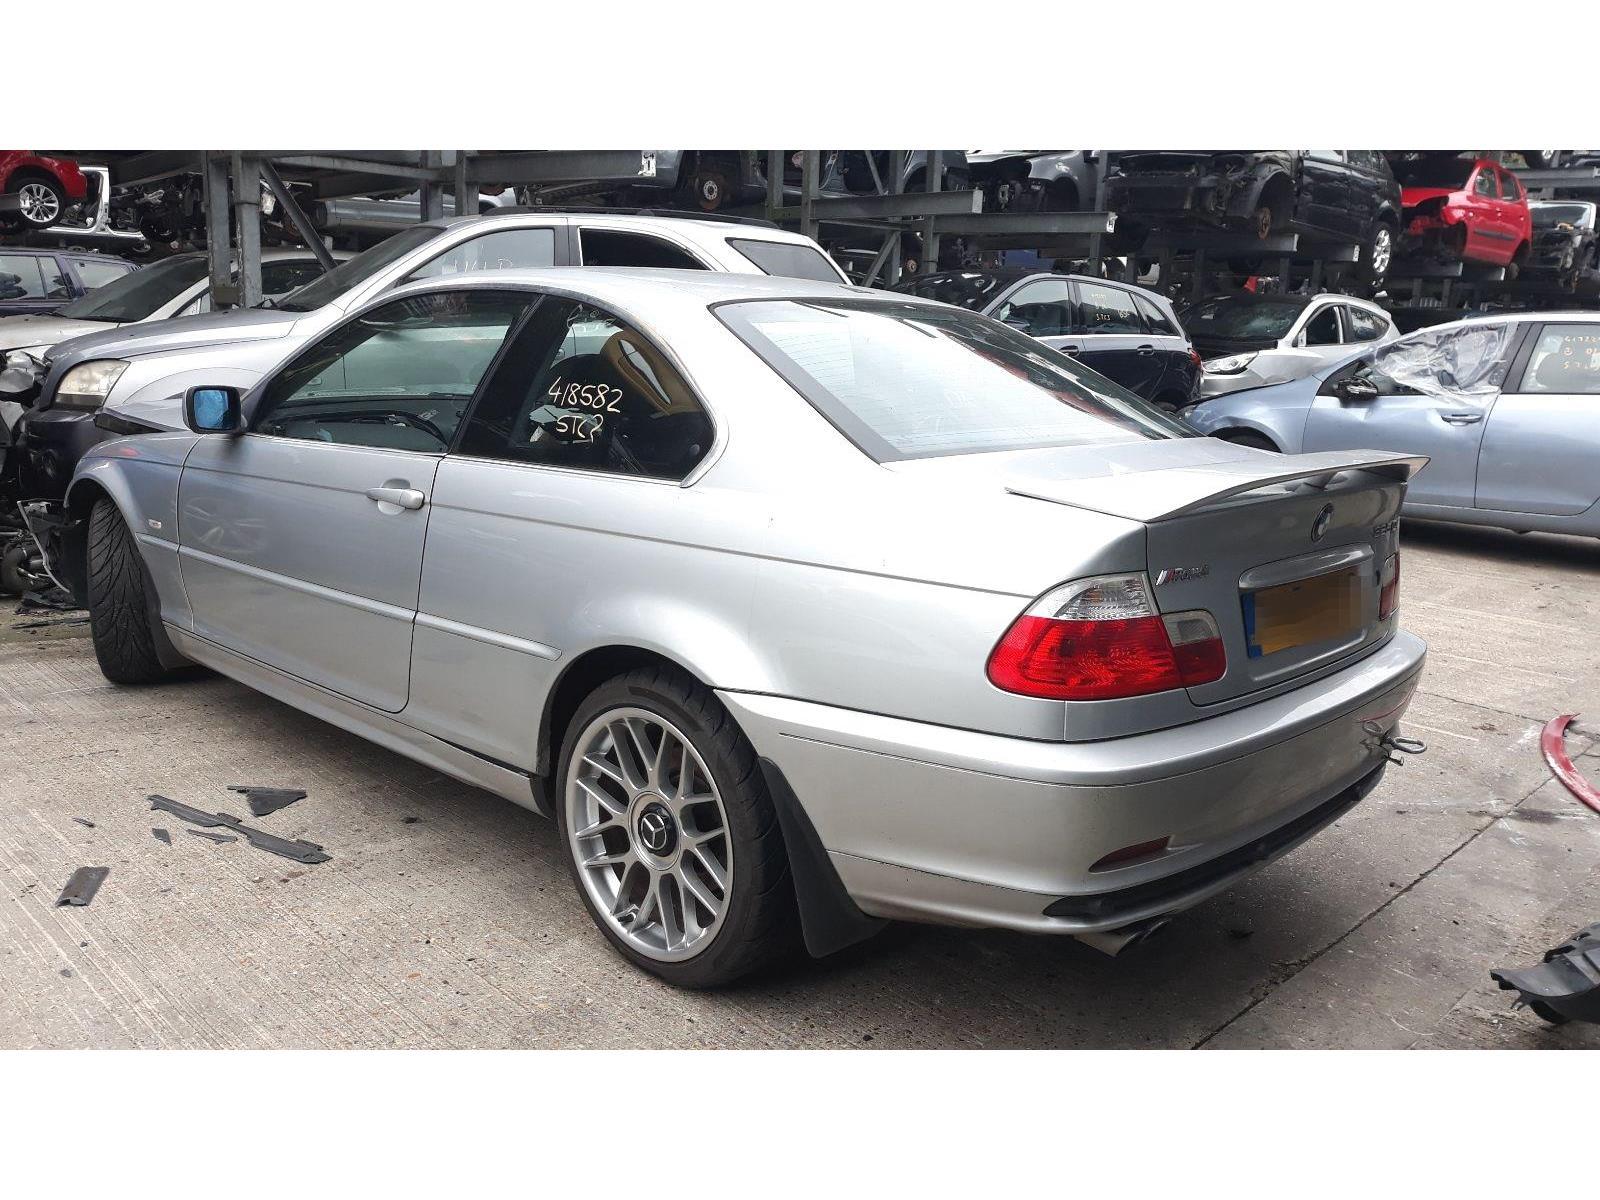 2001 Bmw 3 Series 1998 To 2005 325 Ci 2 5l Manual Petrol